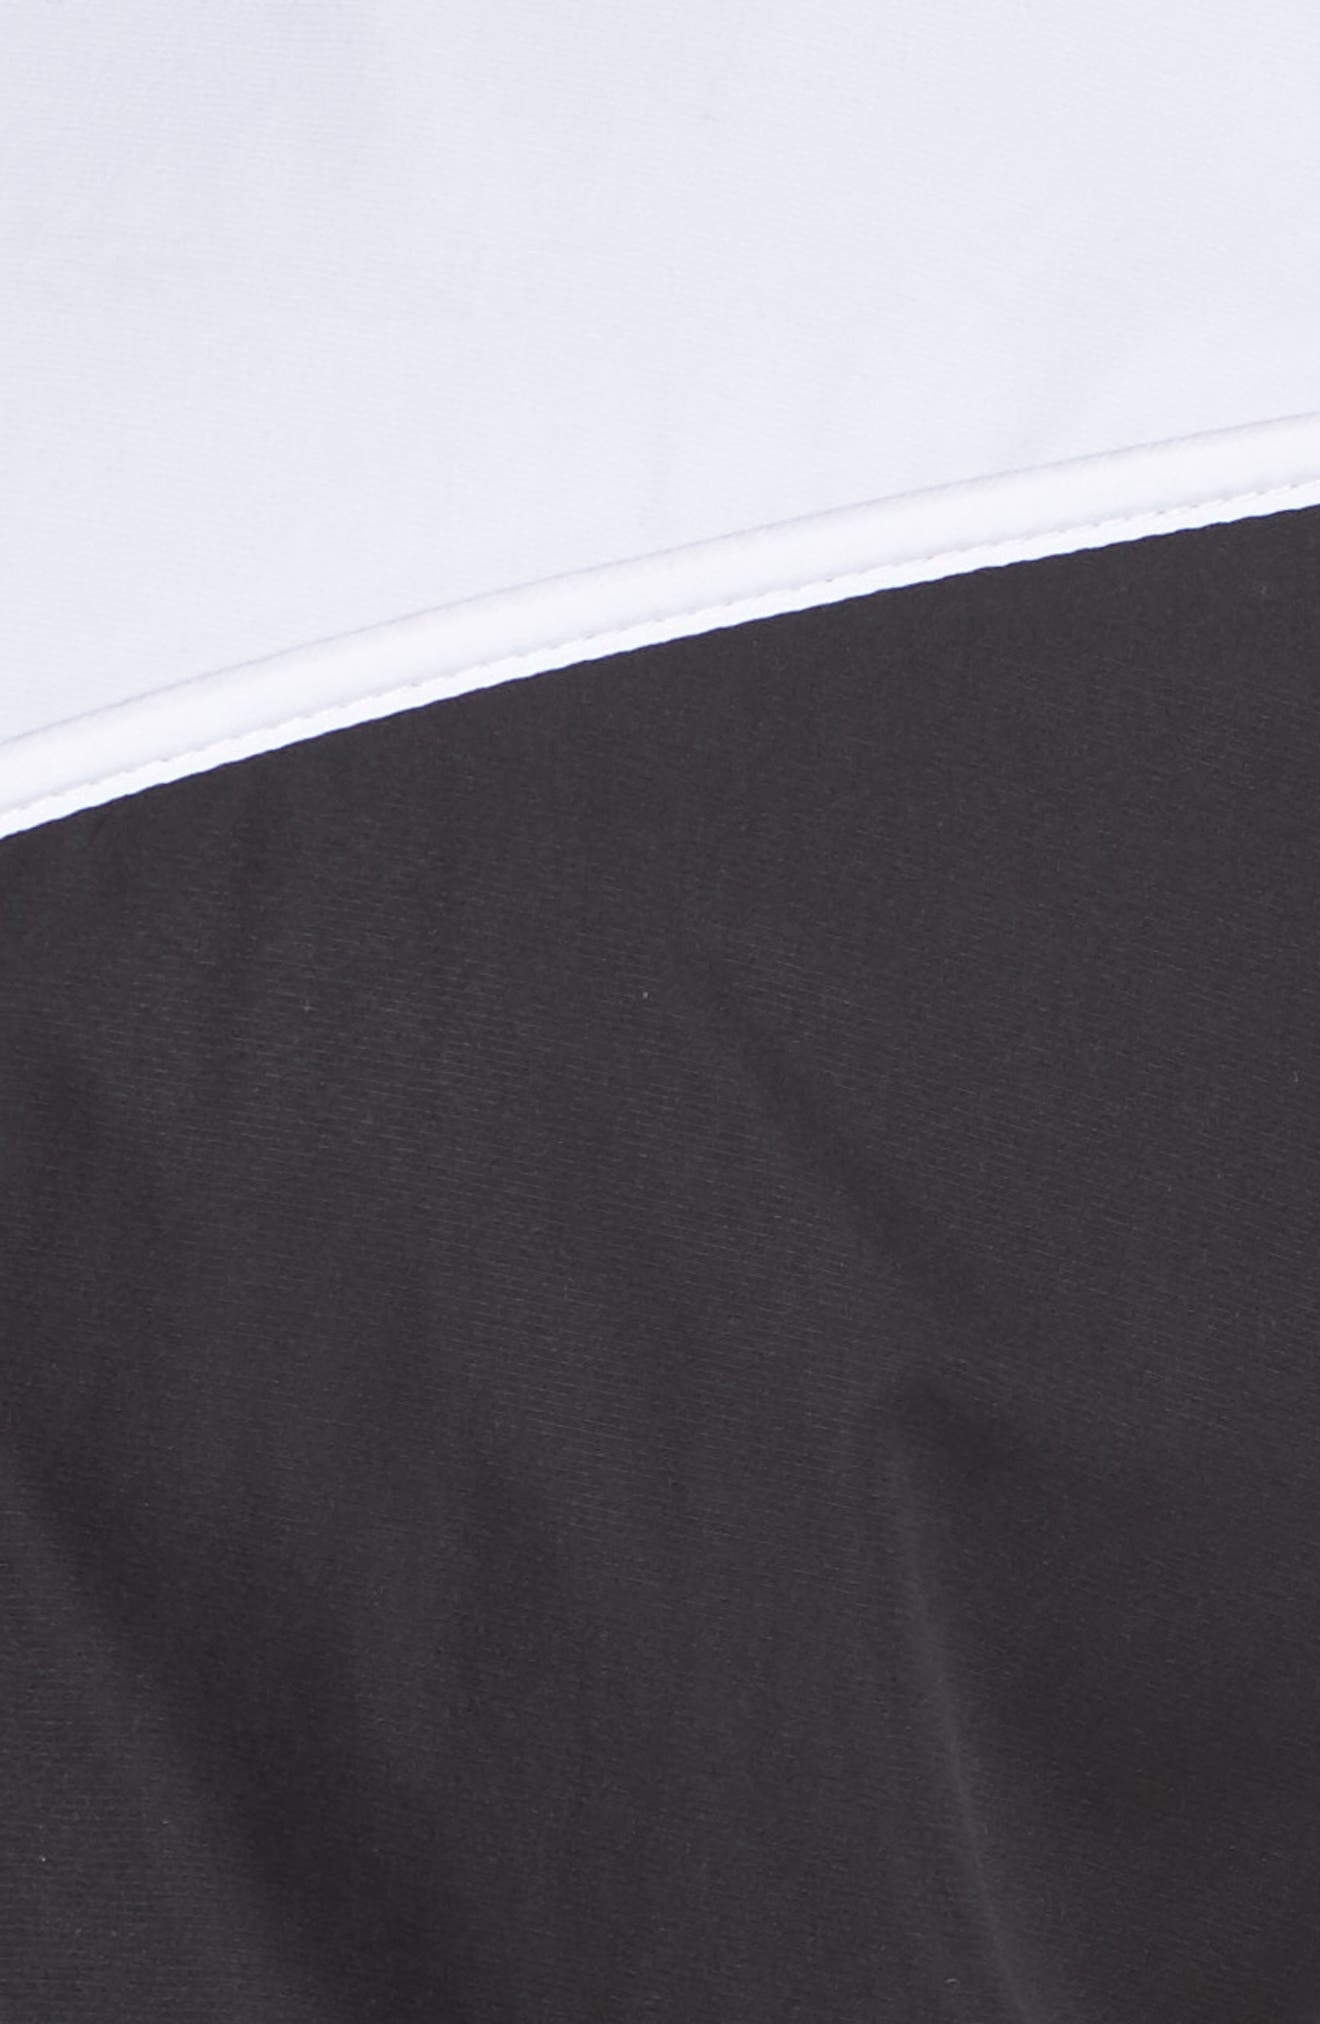 Sportswear Windrunner Jacket,                             Alternate thumbnail 7, color,                             BLACK/ WHITE/ BLACK